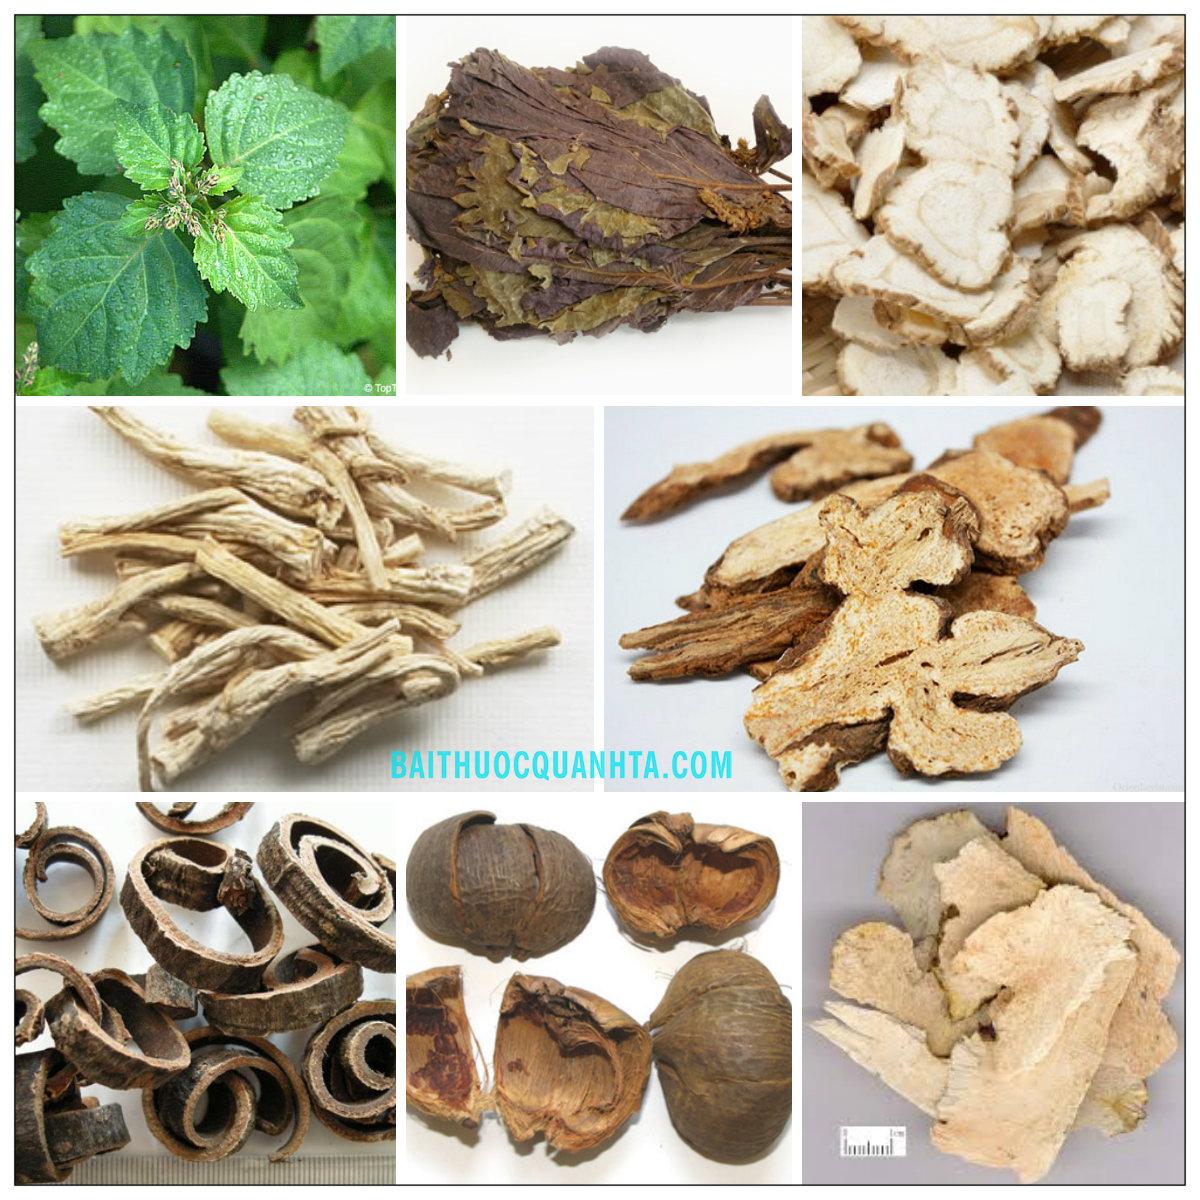 Một số vị thuốc trong bài hoắc hương chính khí tán